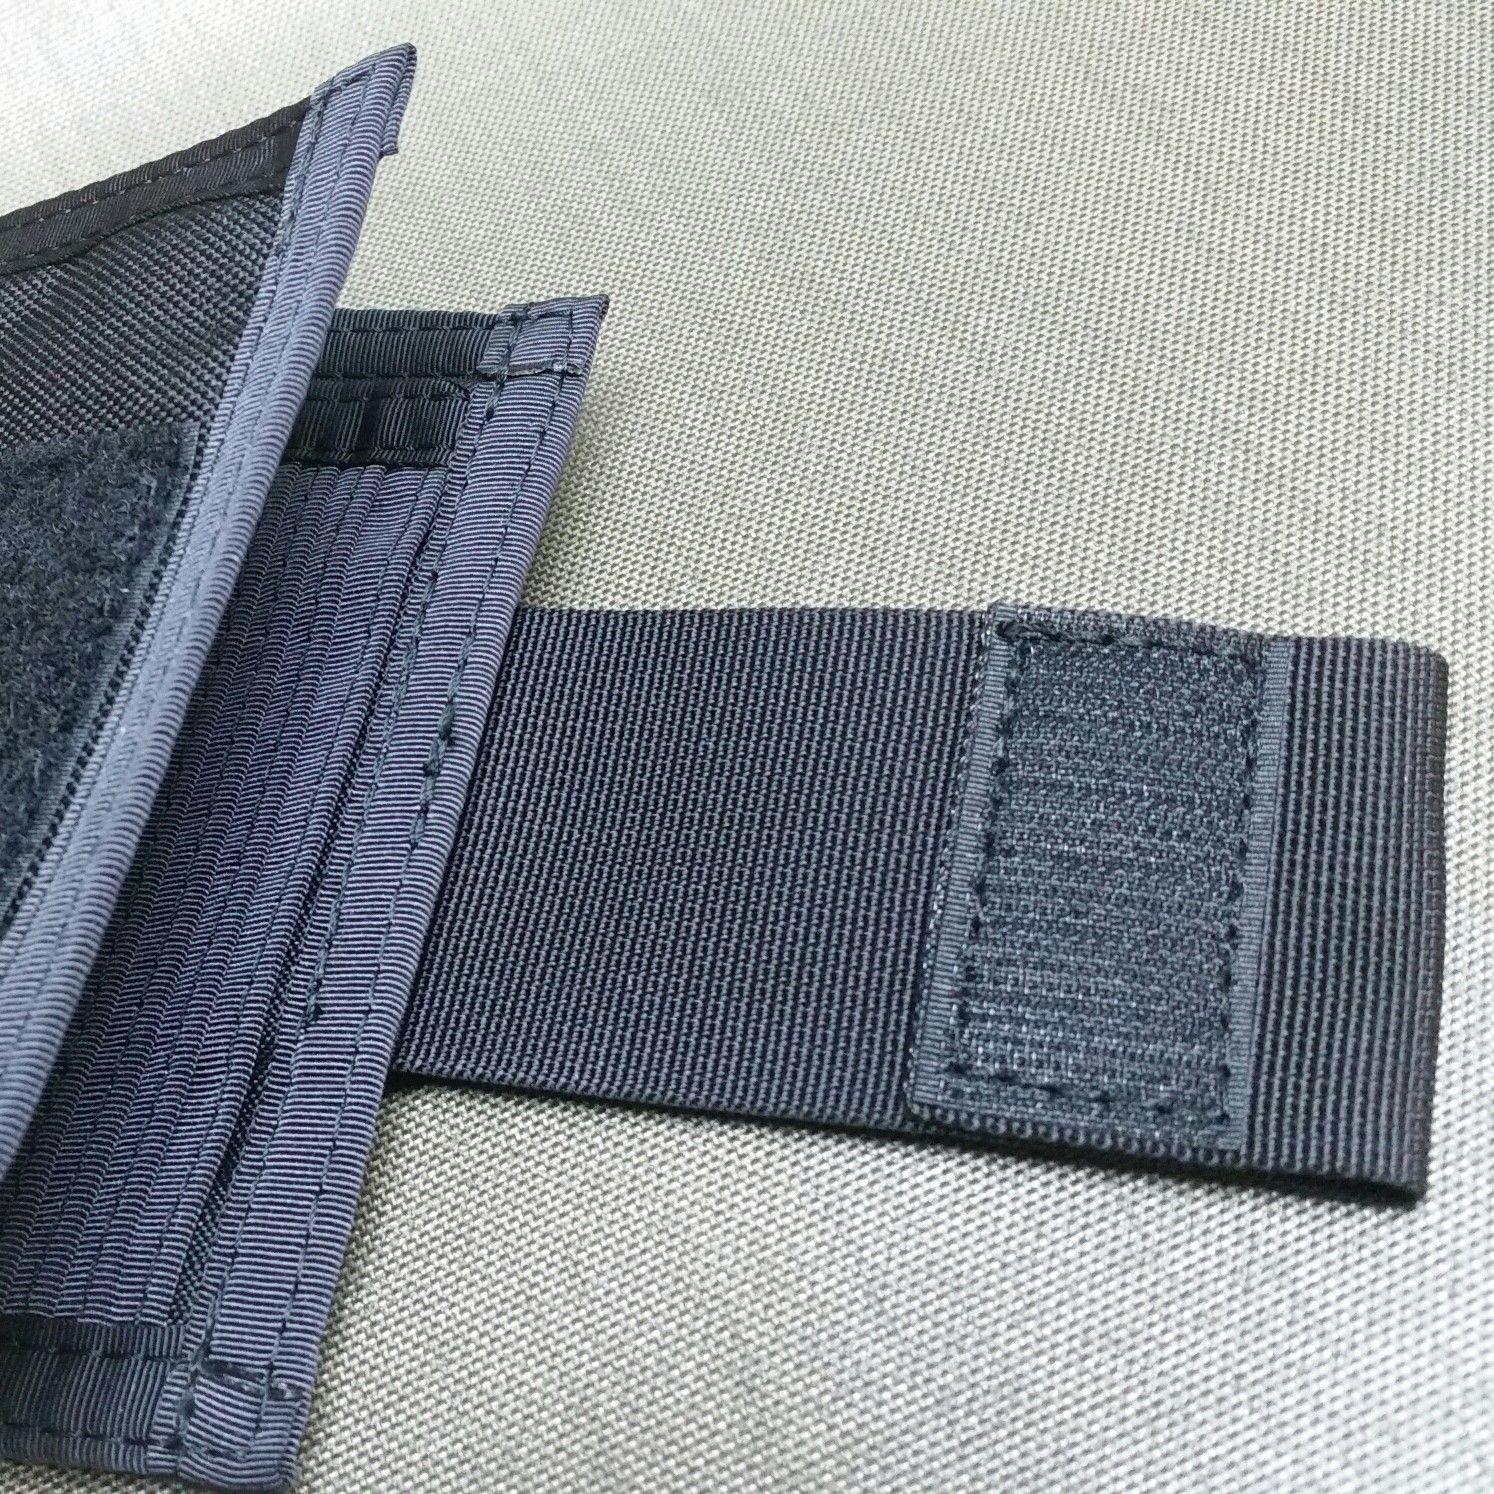 Velcro closure